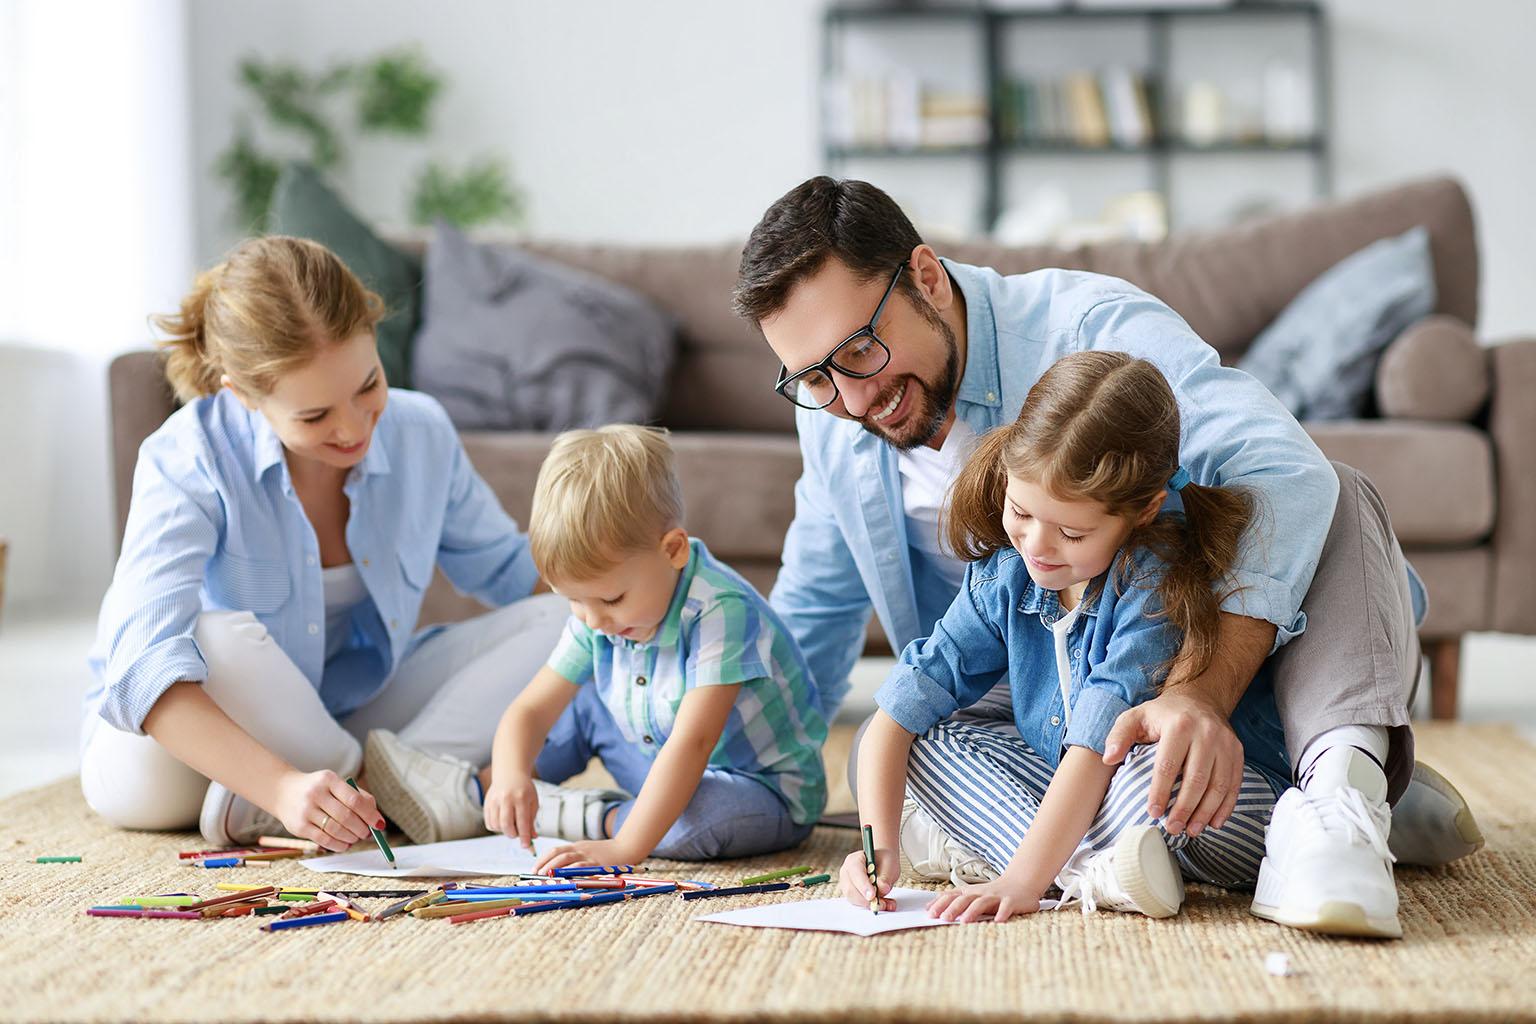 Zabawy dla dzieci - w co się bawić z dzieckiem w domu? Rodzice bawią się z dziećmi na podłodze w salonie.